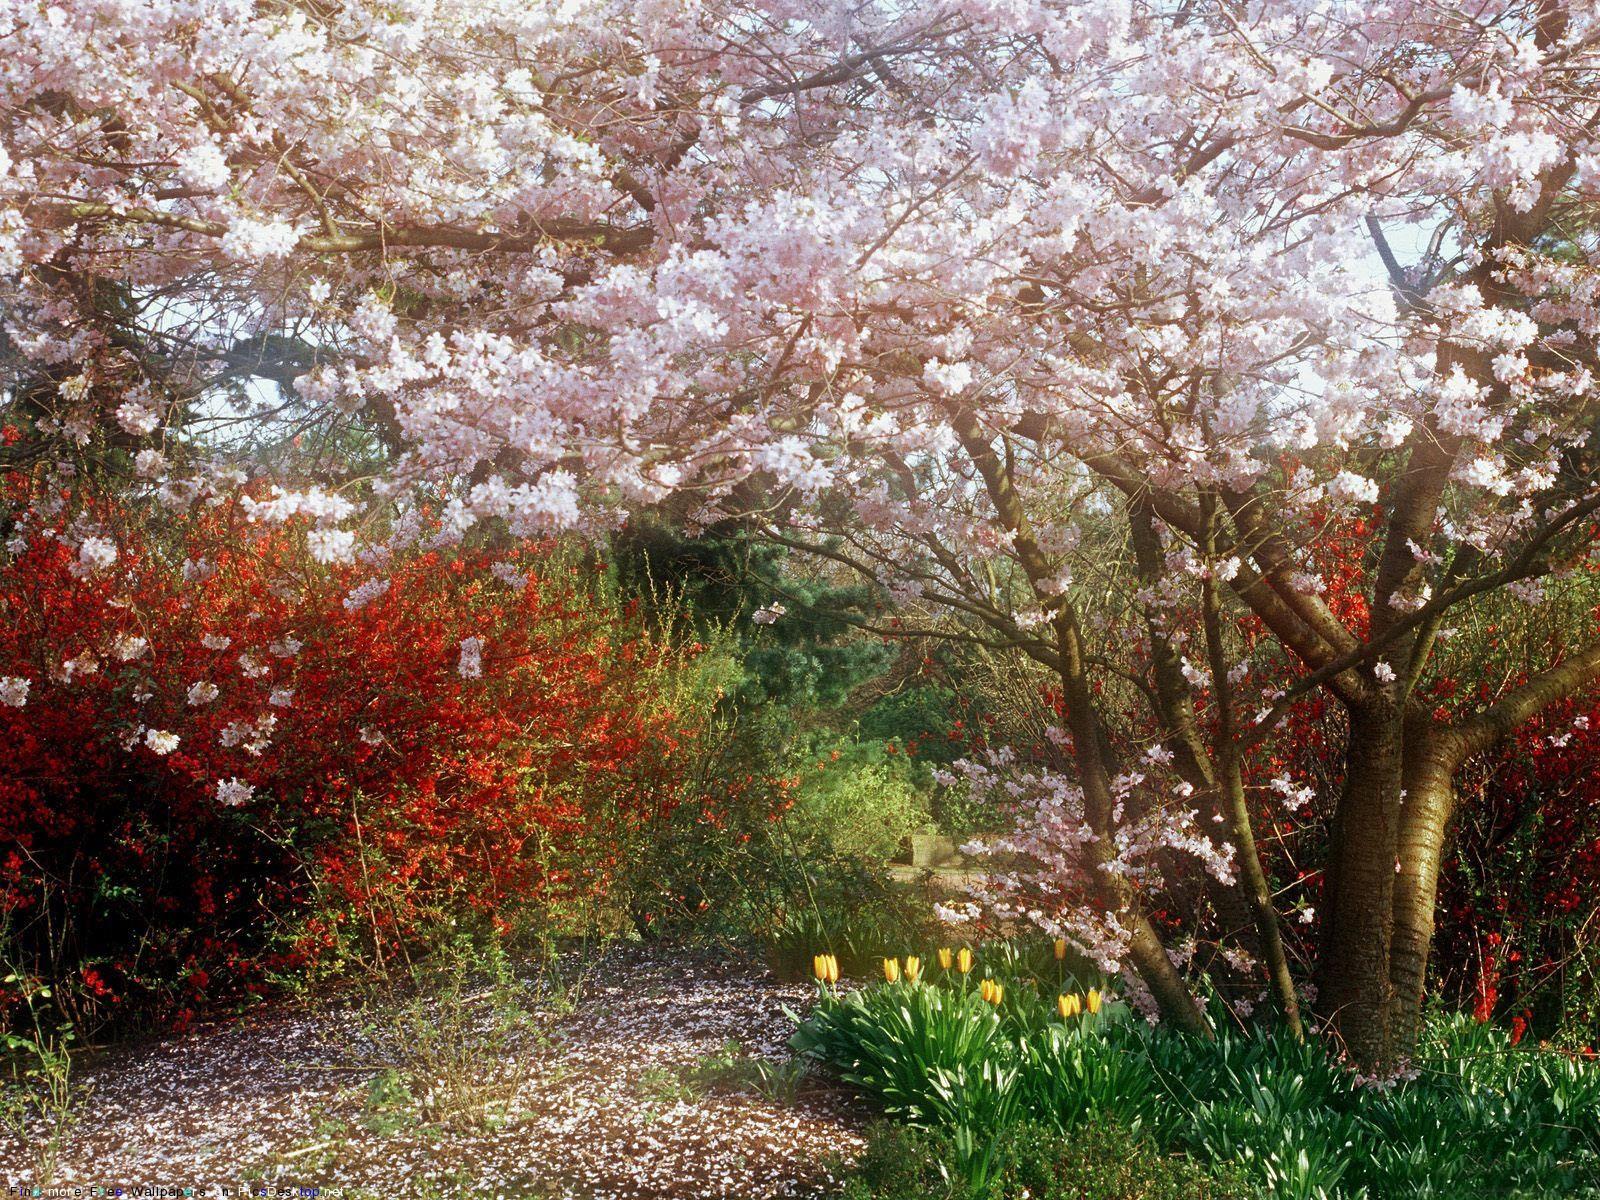 Весна - Красивые Бесплатные фото обои ...: picsdesktop.net/Springtime/1600x1200_PicsDesktop.net_94.jpg.htm